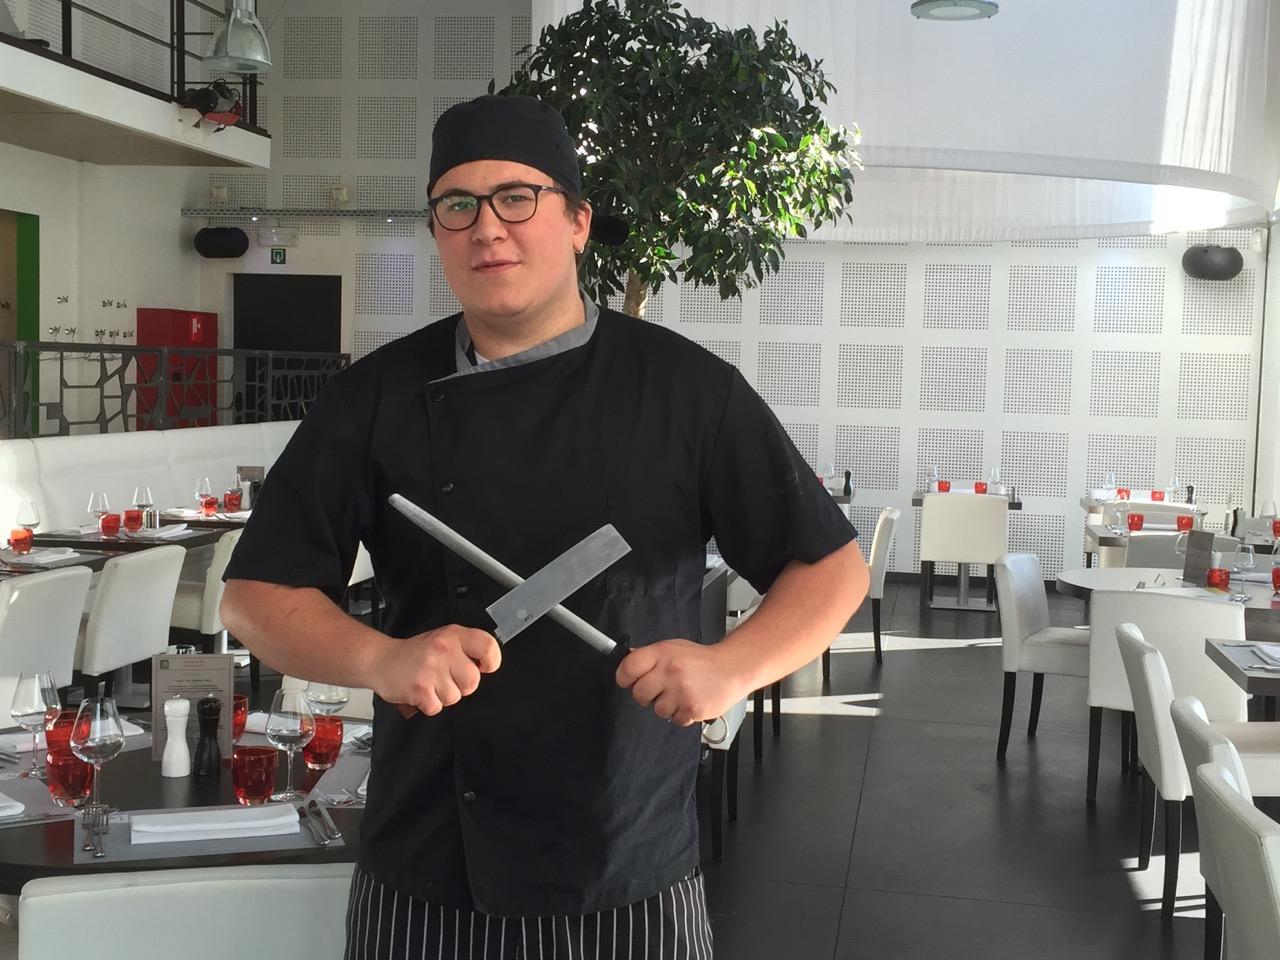 Notre cuisinier Chez M : Mathias Rothenflug